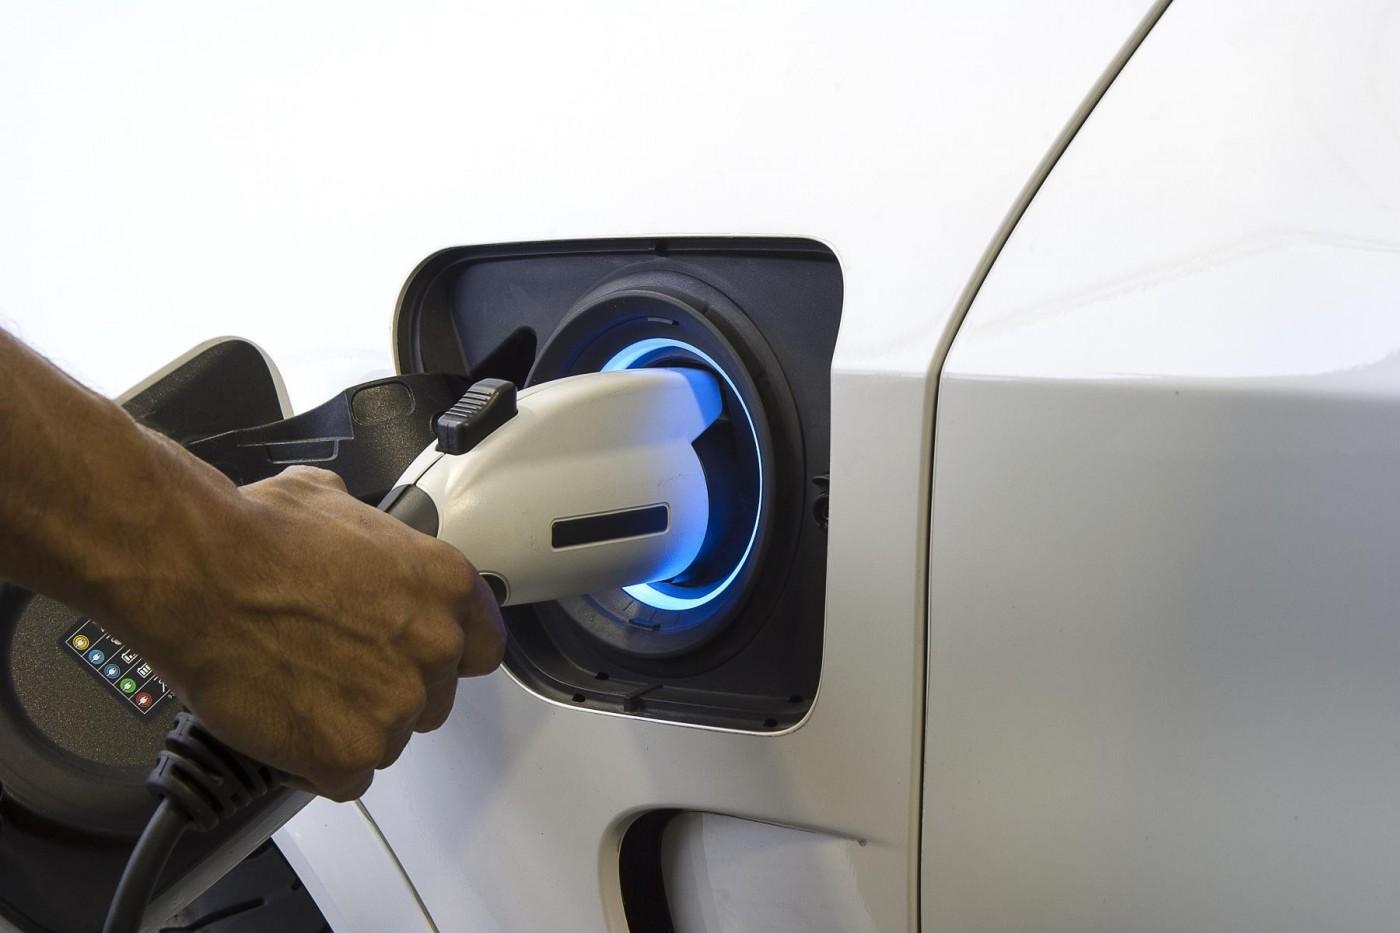 曾瀕臨破產的瑞薩電子斥資2千億收購美IDT,想靠汽車晶片重新壯大